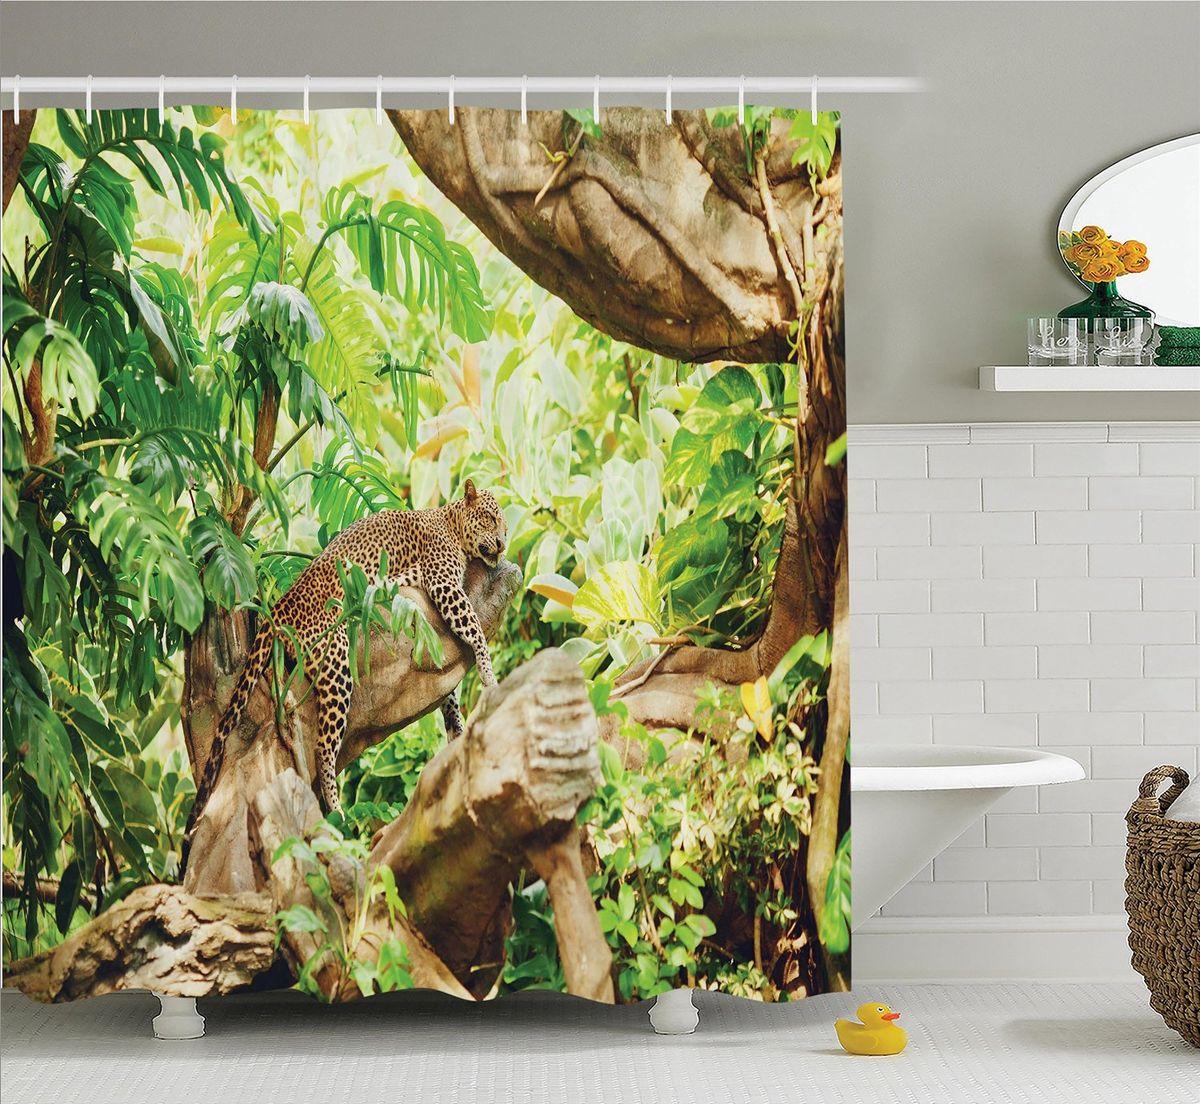 Штора для ванной комнаты Magic Lady Леопард на отдыхе, 180 х 200 смшв_12357Штора Magic Lady Леопард на отдыхе, изготовленная из высококачественного сатена (полиэстер 100%), отлично дополнит любой интерьер ванной комнаты. При изготовлении используются специальные гипоаллергенные чернила для прямой печати по ткани, безопасные для человека.В комплекте: 1 штора, 12 крючков. Обращаем ваше внимание, фактический цвет изделия может незначительно отличаться от представленного на фото.